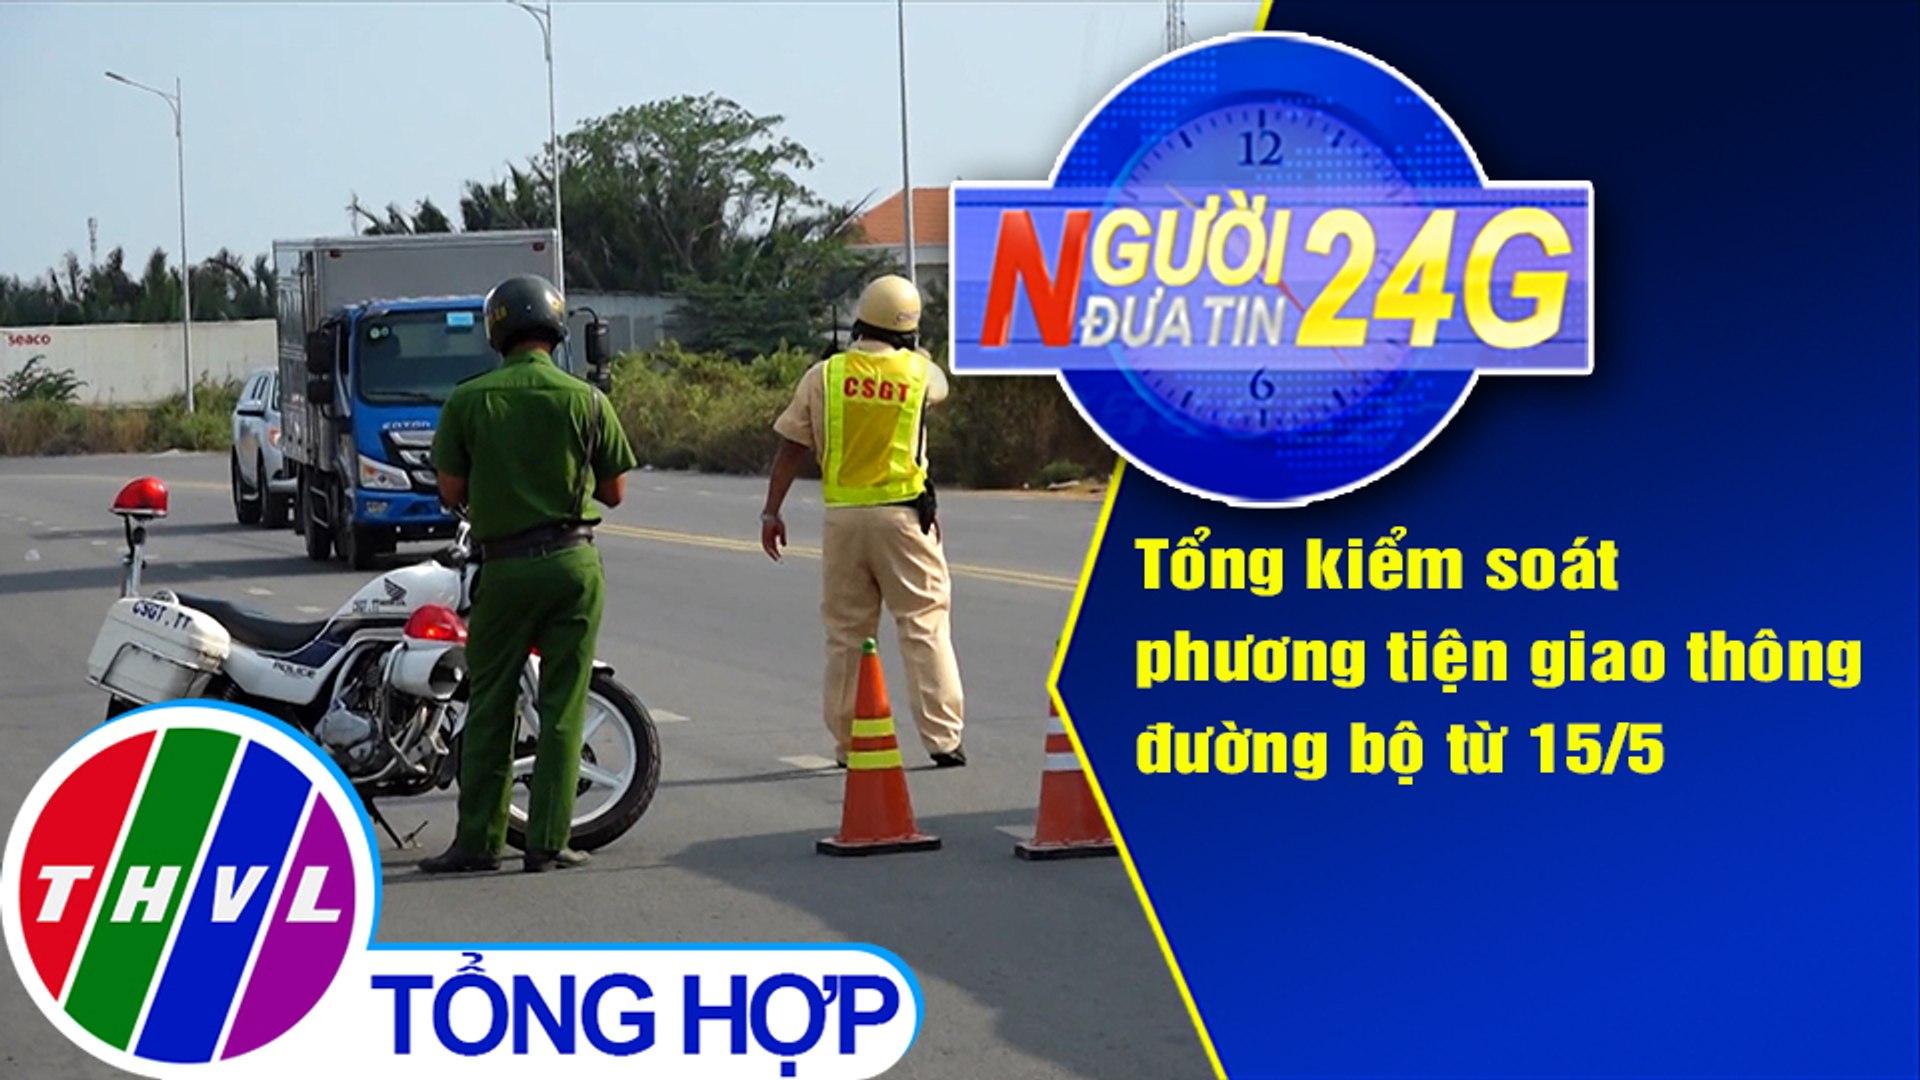 Người đưa tin 24G (6g30 ngày 13/5/2020): Tổng kiểm soát phương tiện giao thông đường bộ từ 15/5